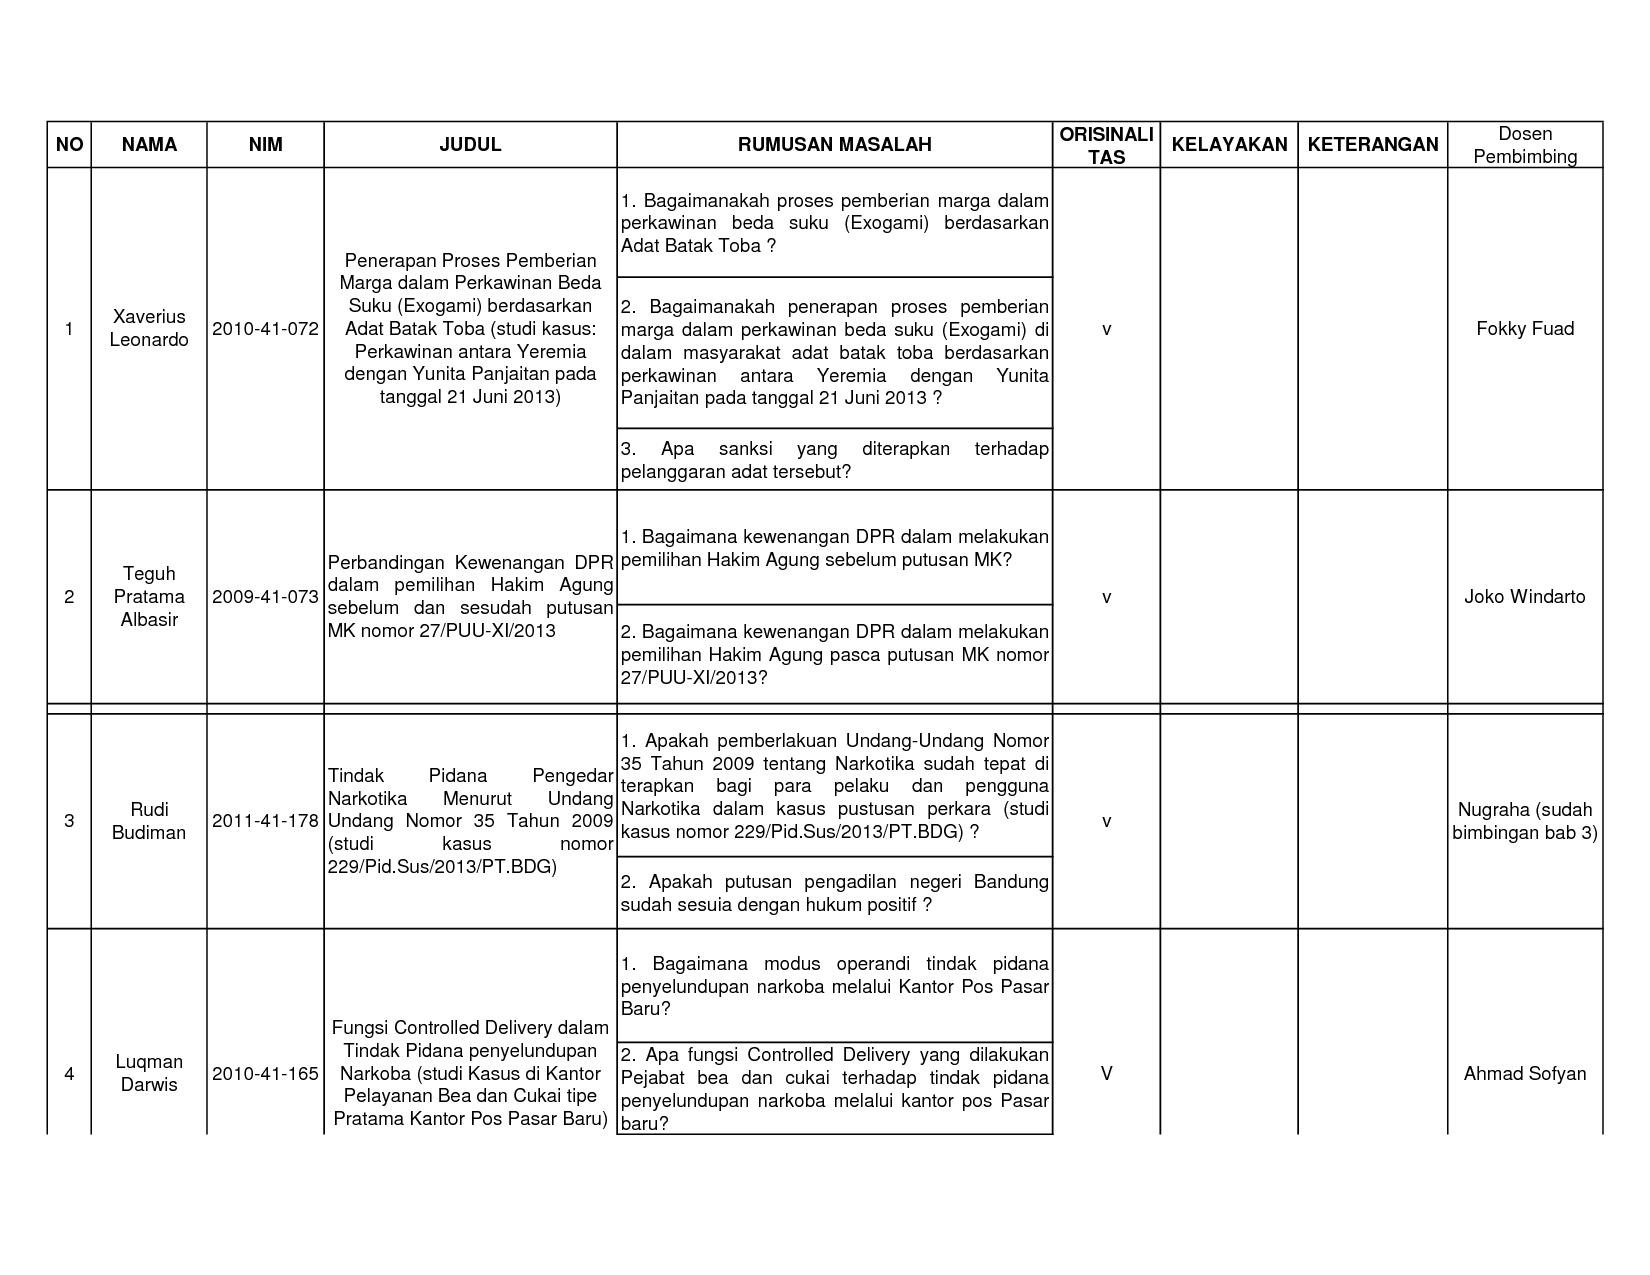 Outline Skripsi Mahasiswa Fakultas Hukum Sem. Genap 2013/2014 (per 3 April 2014-Final)